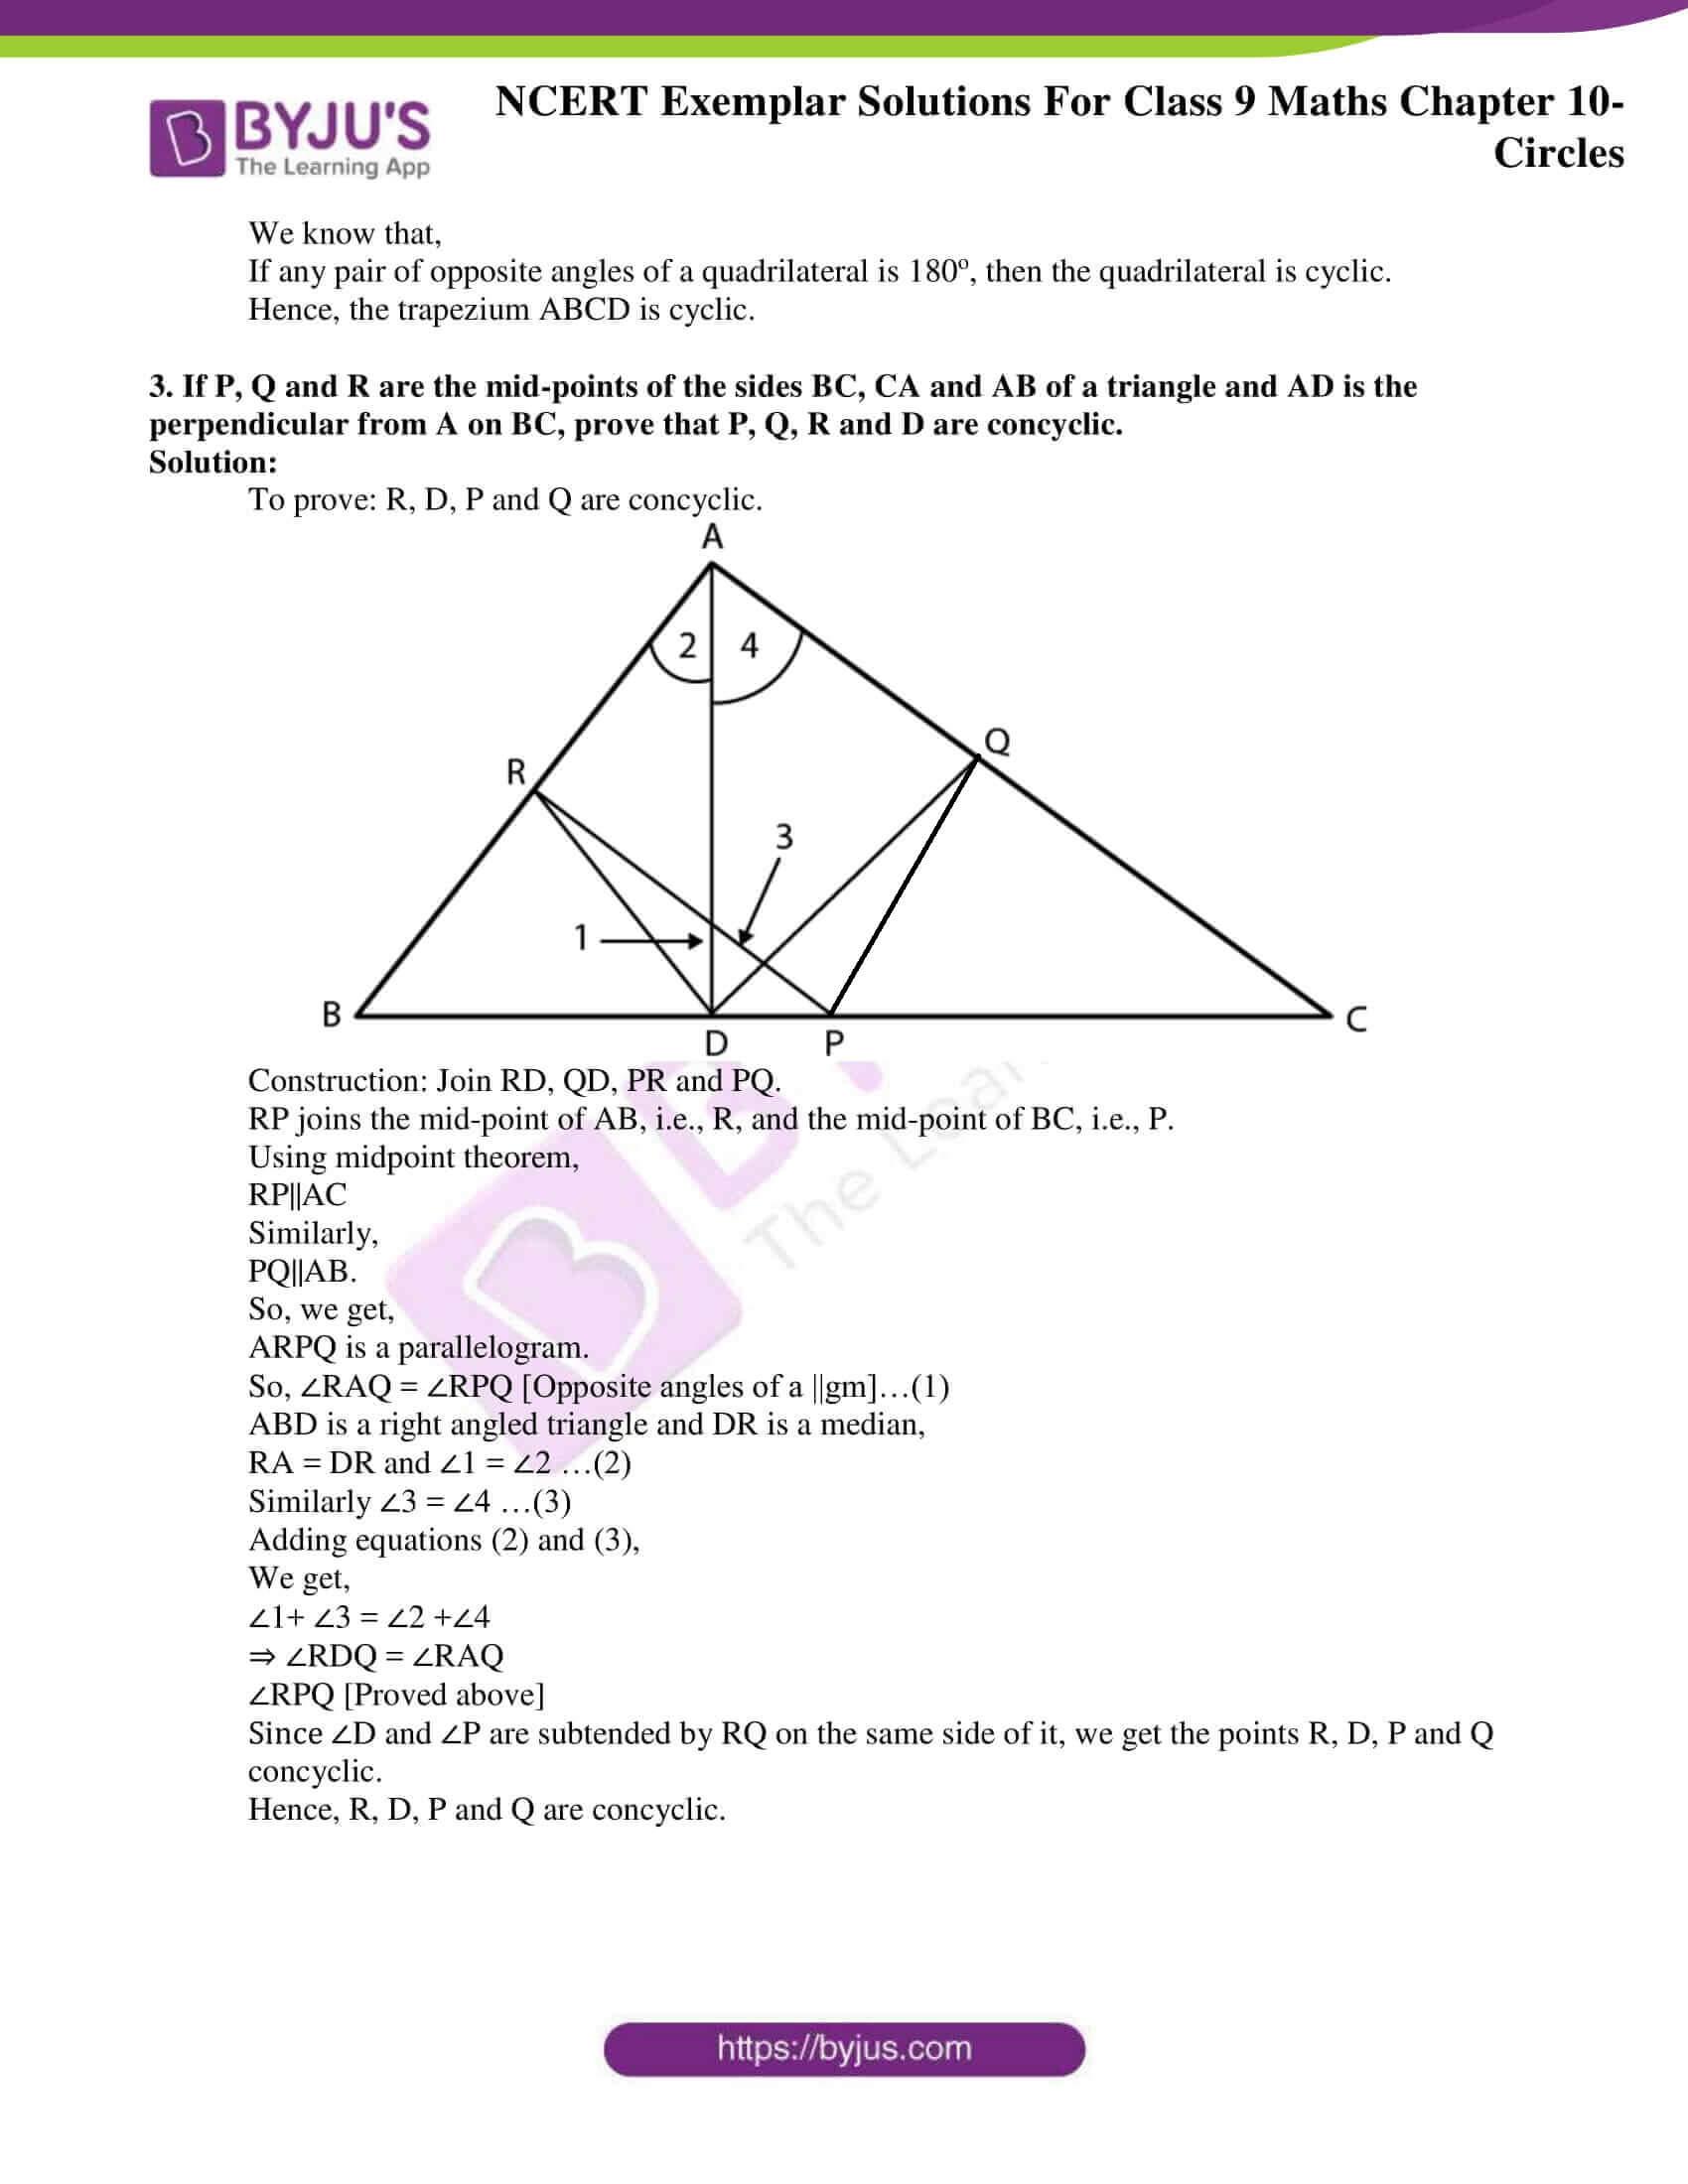 ncert exemplar solution class 9 maths chapter 10